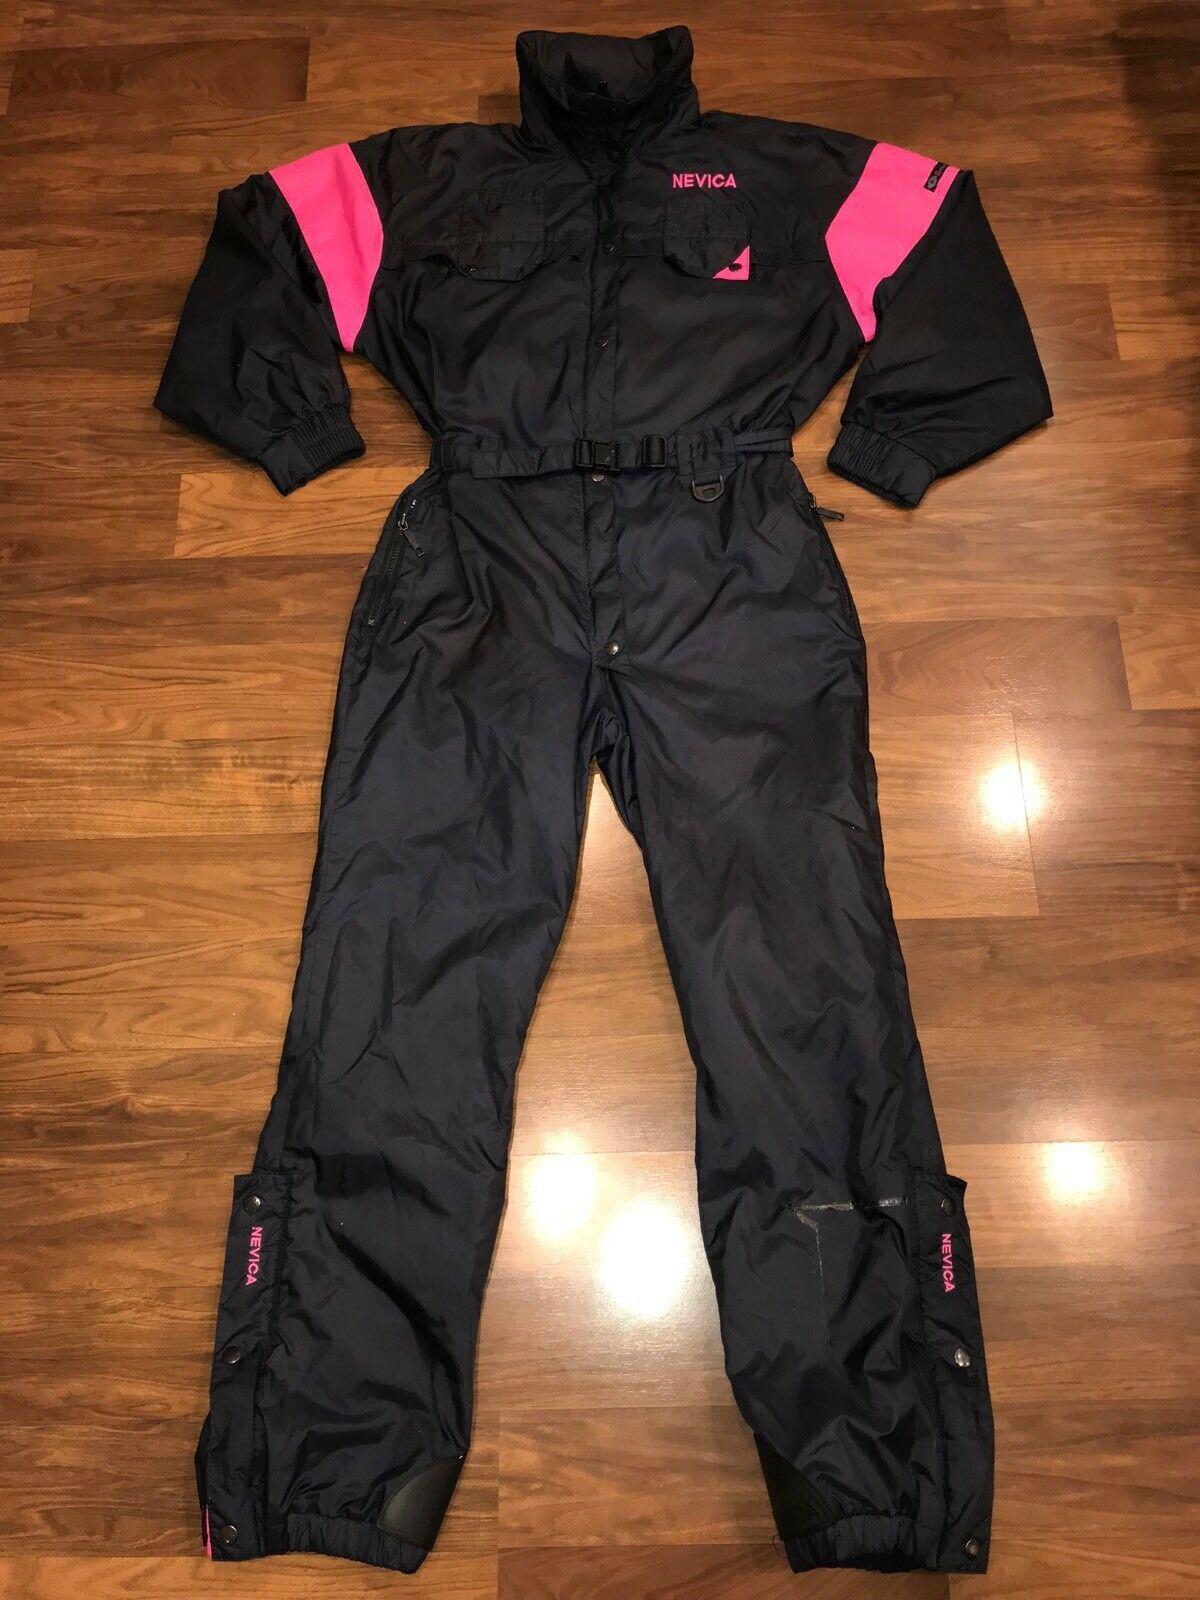 Vtg 80s 90s Navy NEVICA Mens  SMALL One Piece SKI SUIT Snow Bib Neon Snowsuit S  cheap sale outlet online